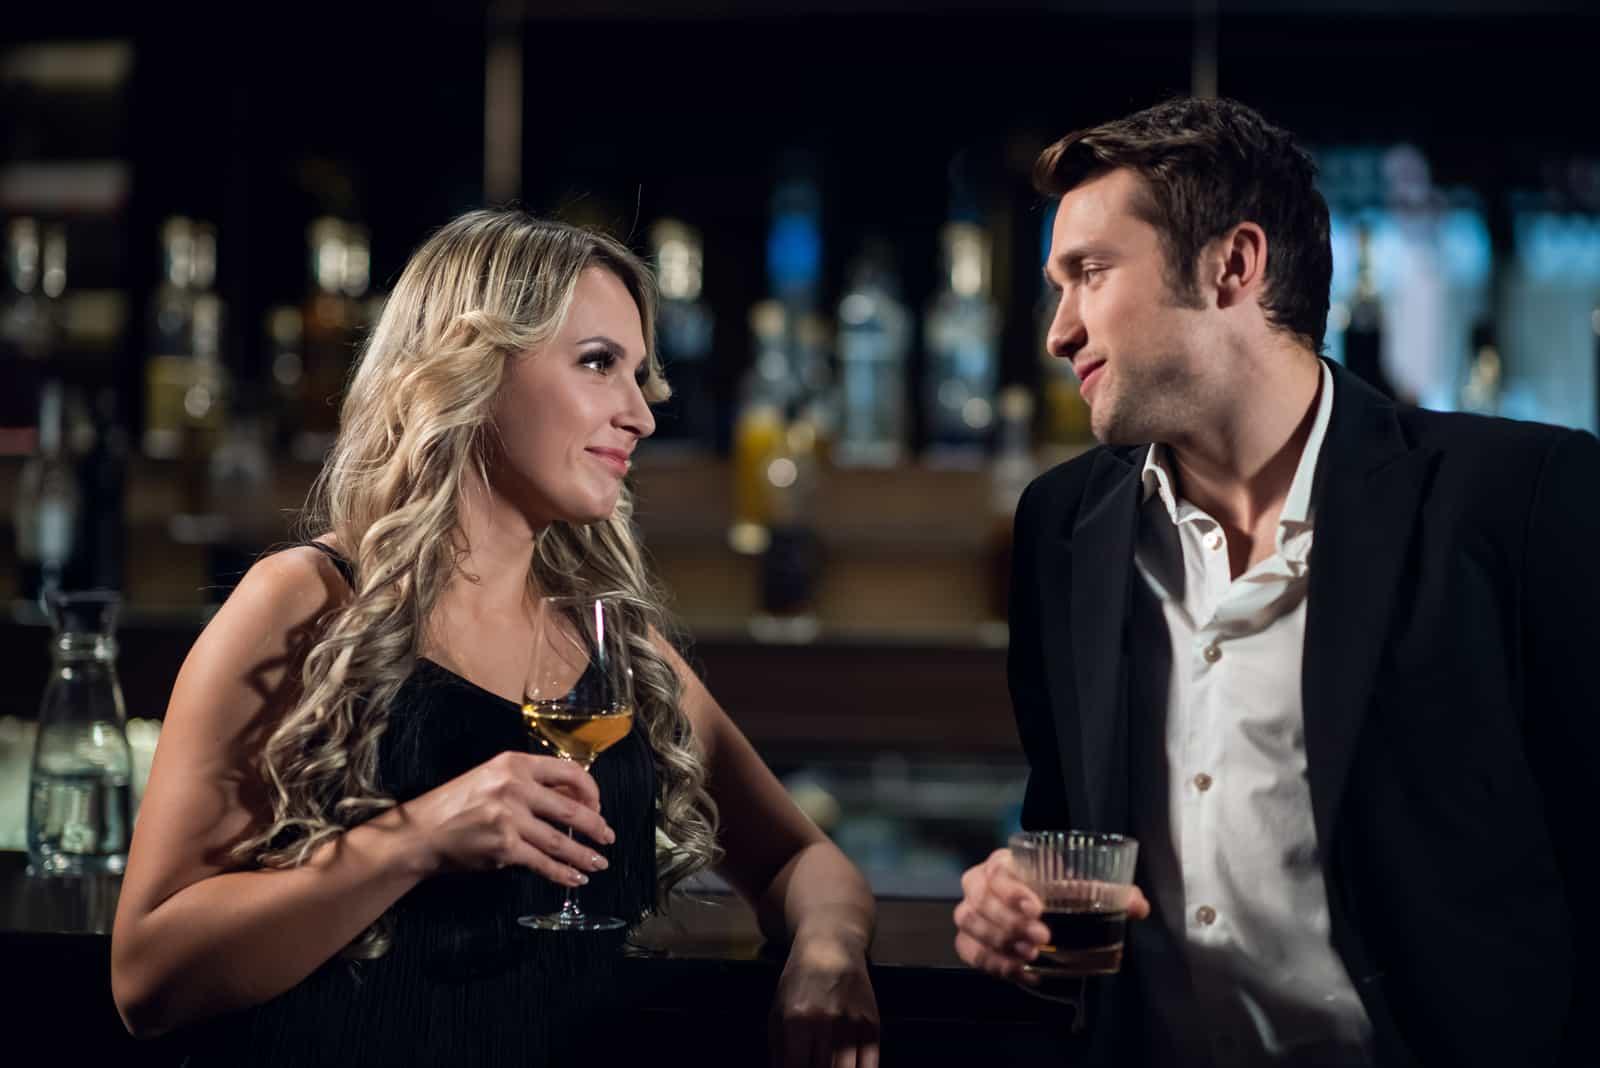 Mann und Frau an der Bar trinken Cocktails